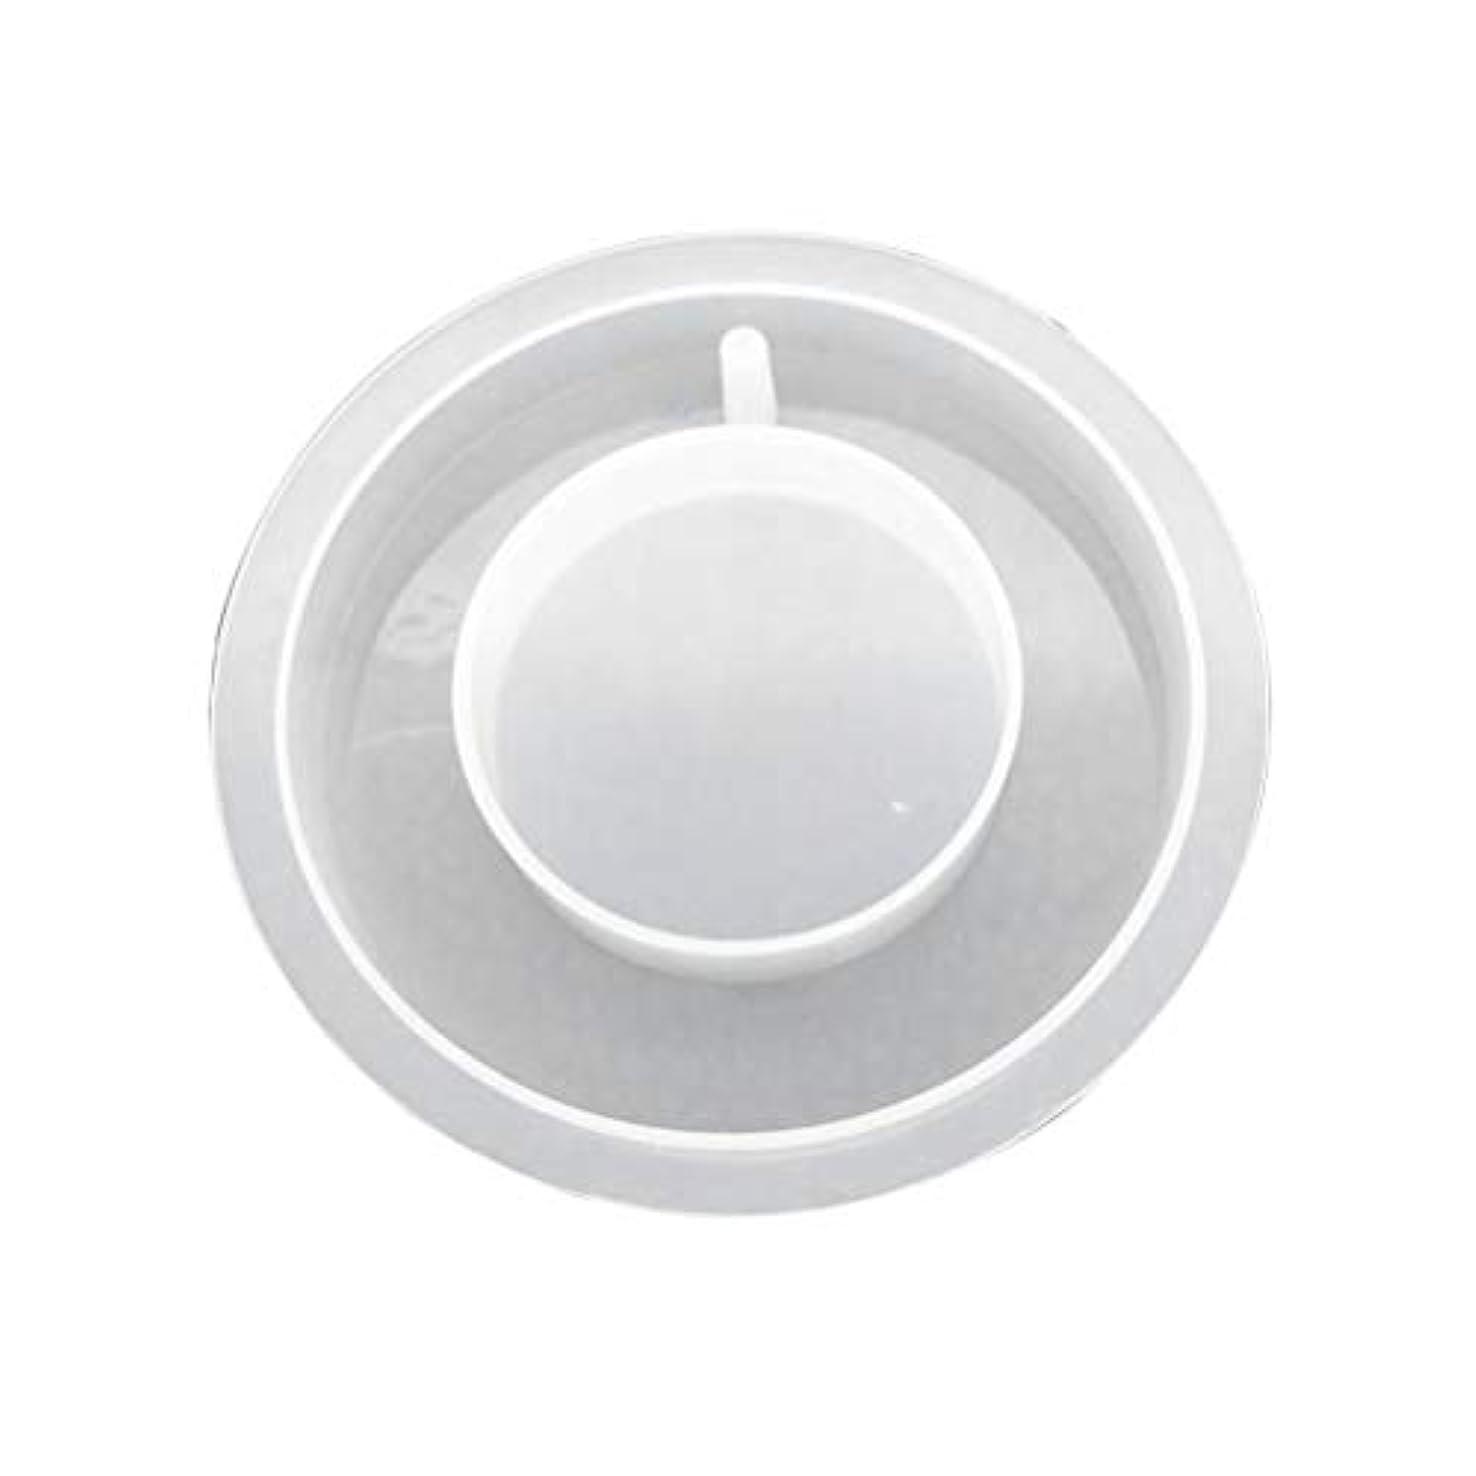 記念碑白鳥日食SUPVOX 樹脂シリコーンリング形状ペンダントクリスタルエポキシ金型でぶら下げ穴石鹸キャンドル用diyギフトジュエリーネックレスペンダント作り